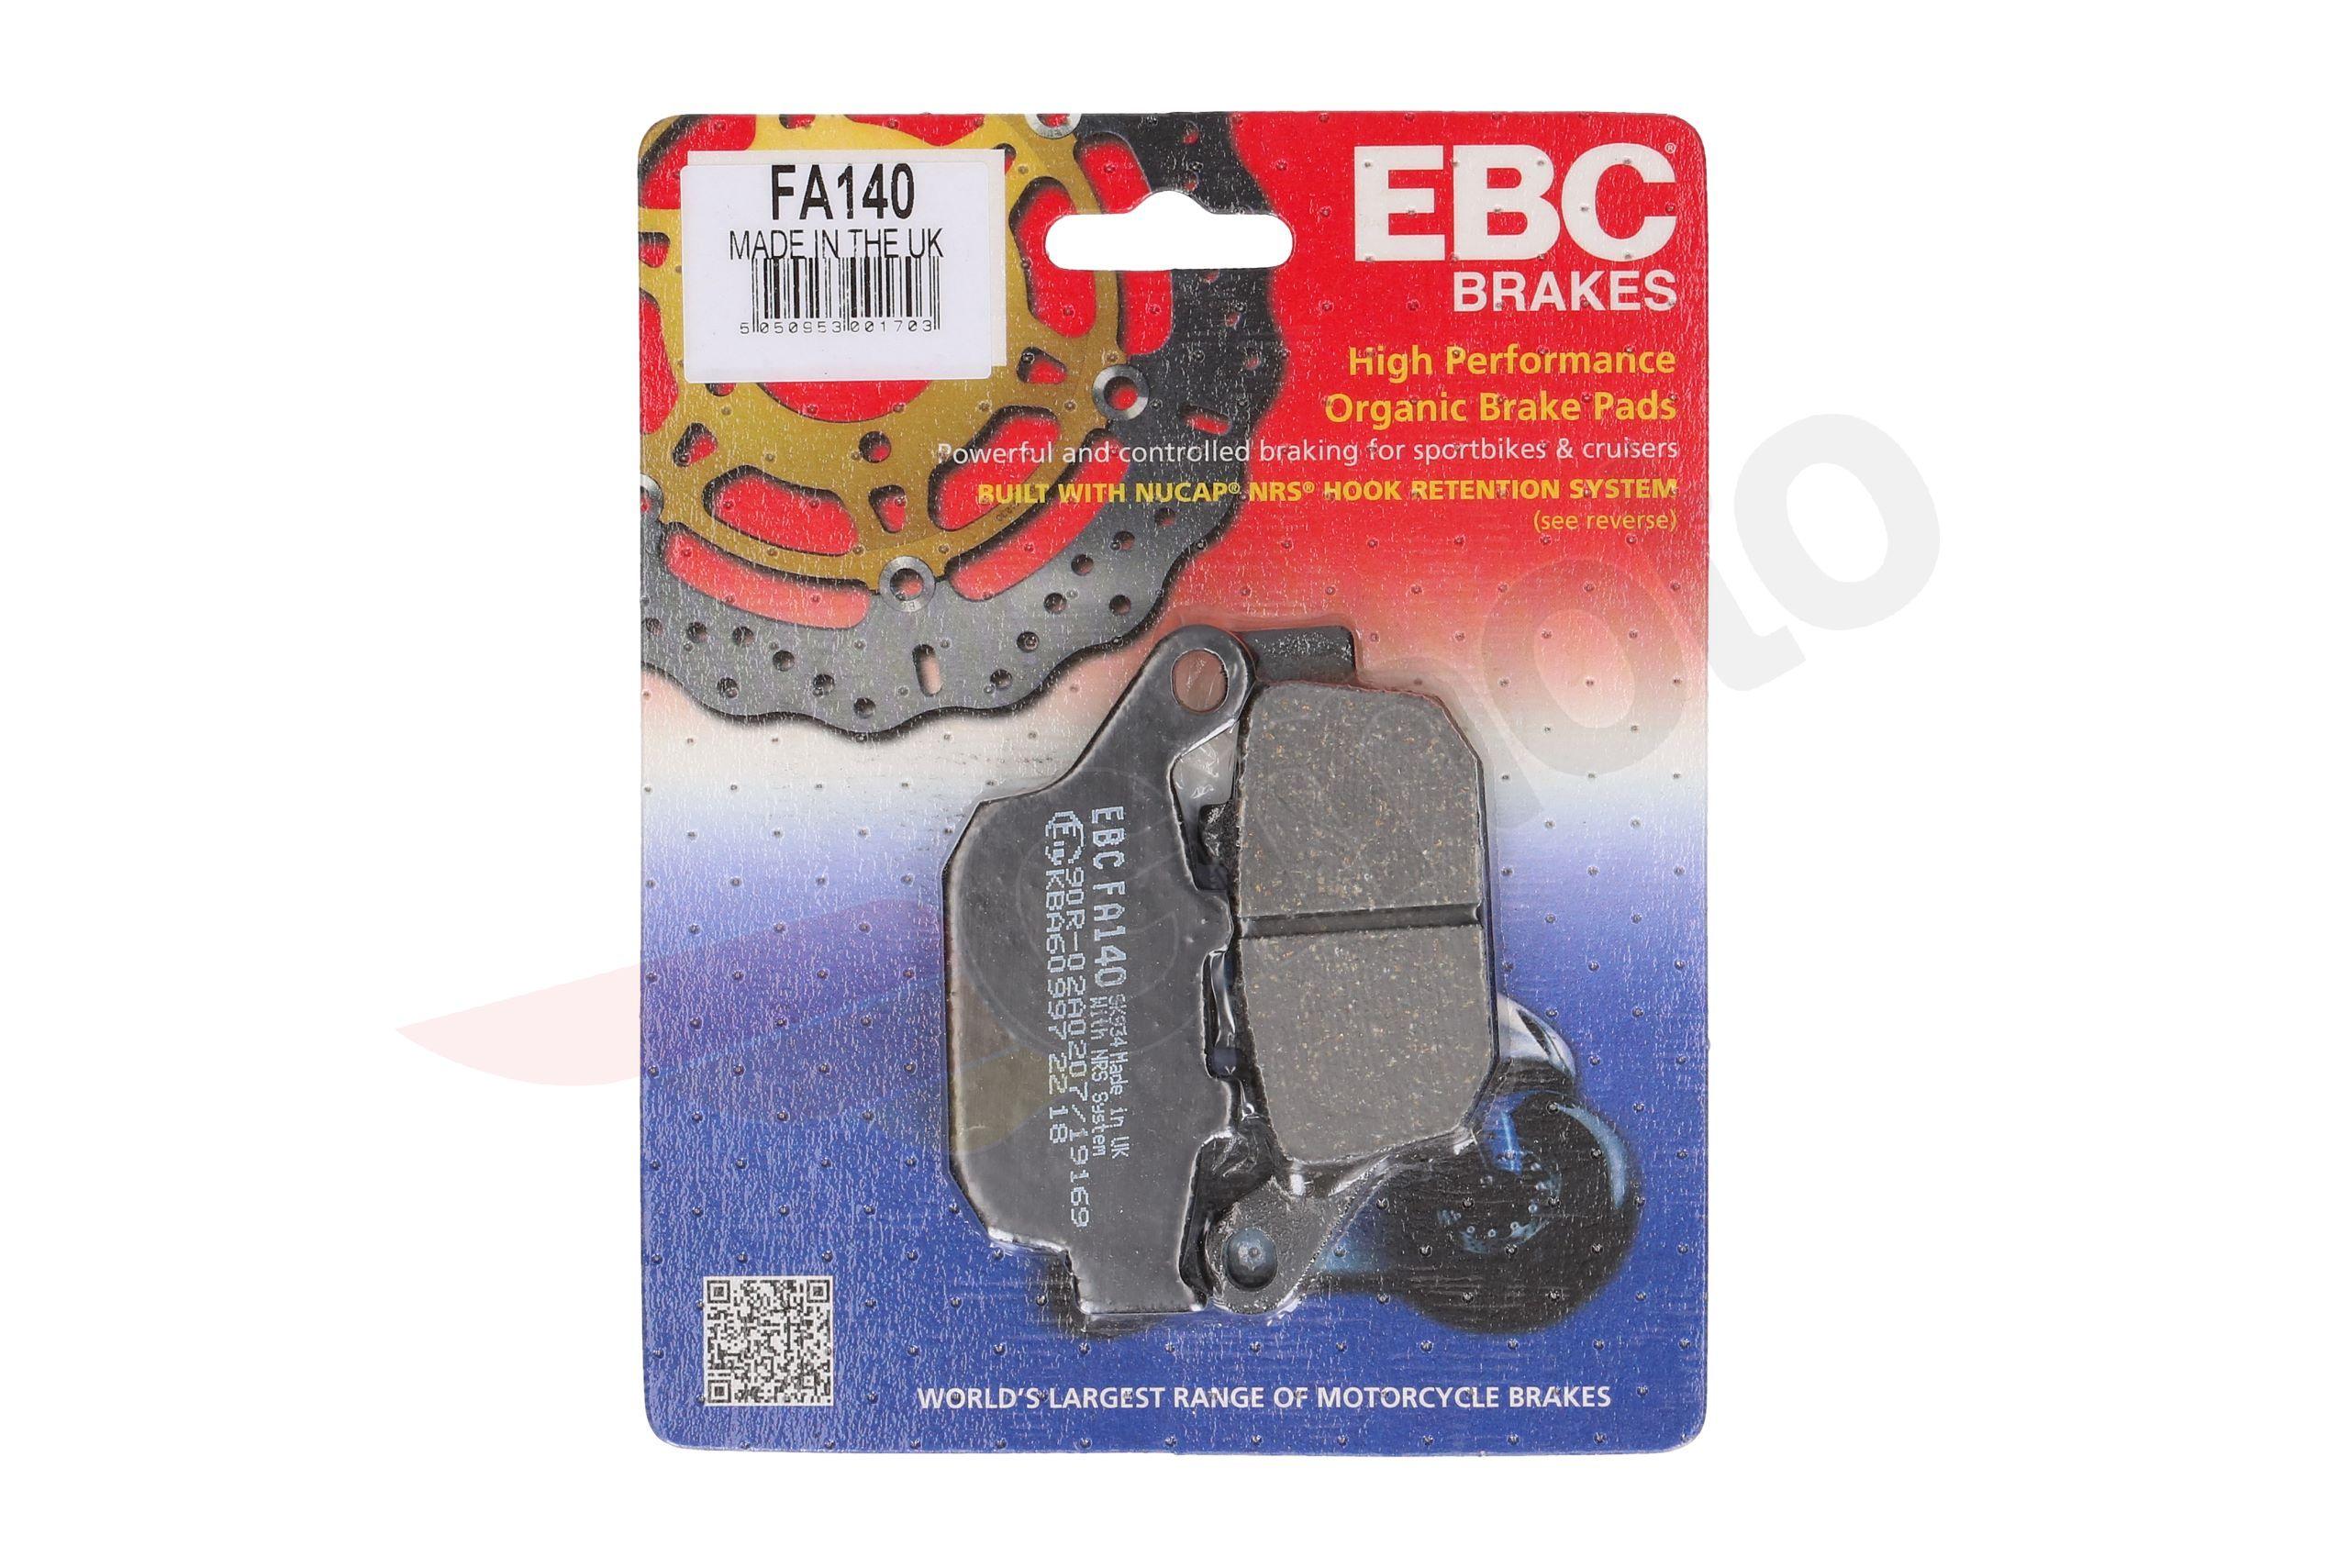 EBC Organic Rear Brake Pads For Kawasaki 2014 Z800 FA140